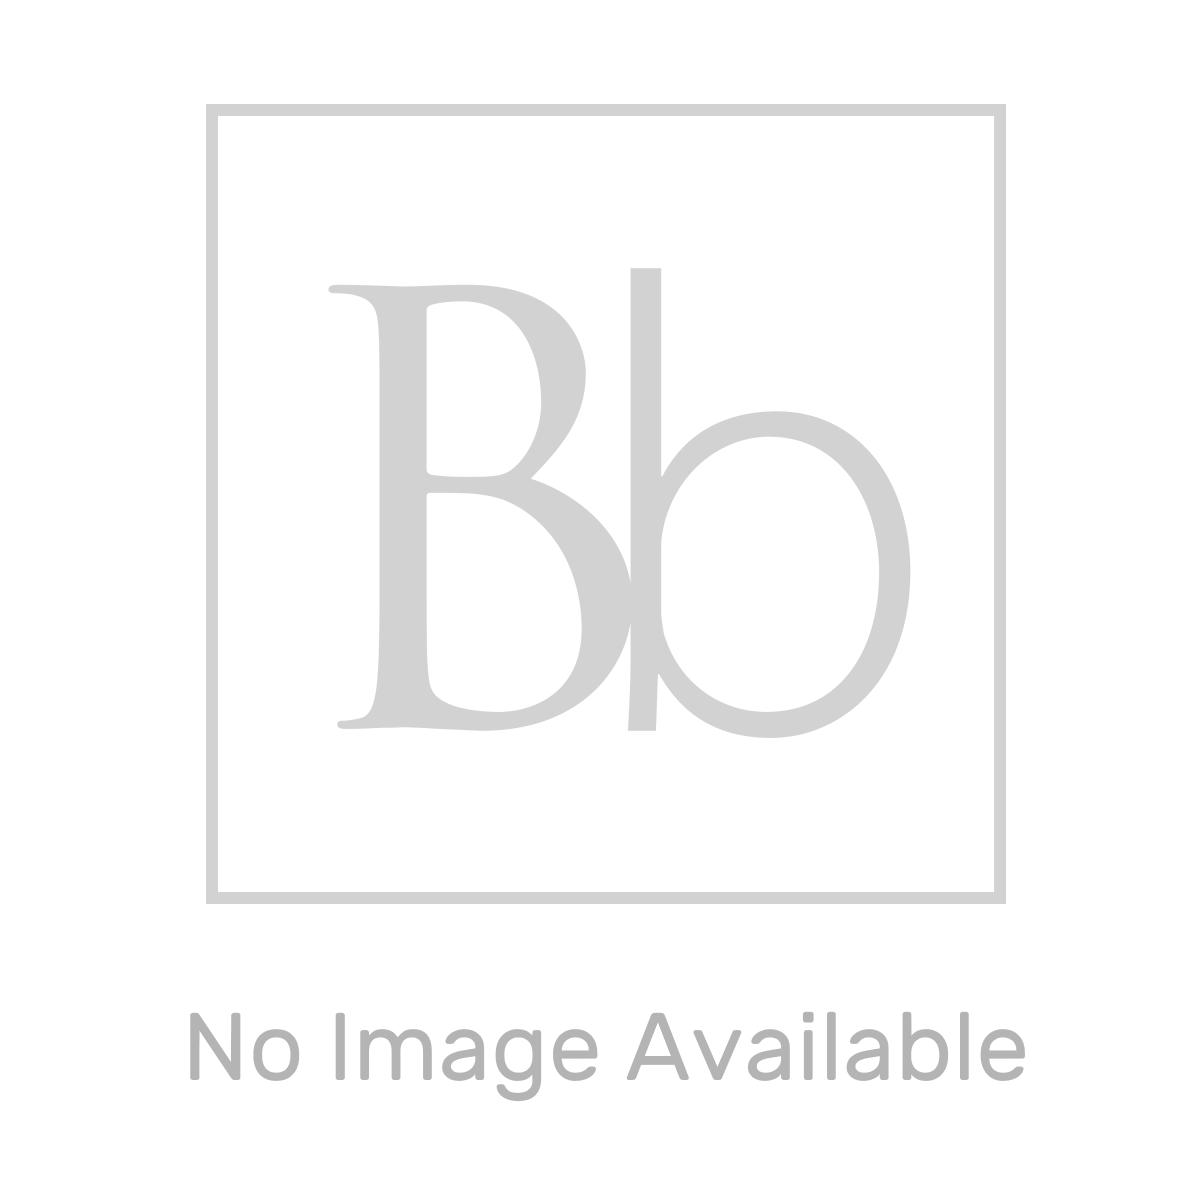 Triton Aspirante Riviera Sand Electric Shower